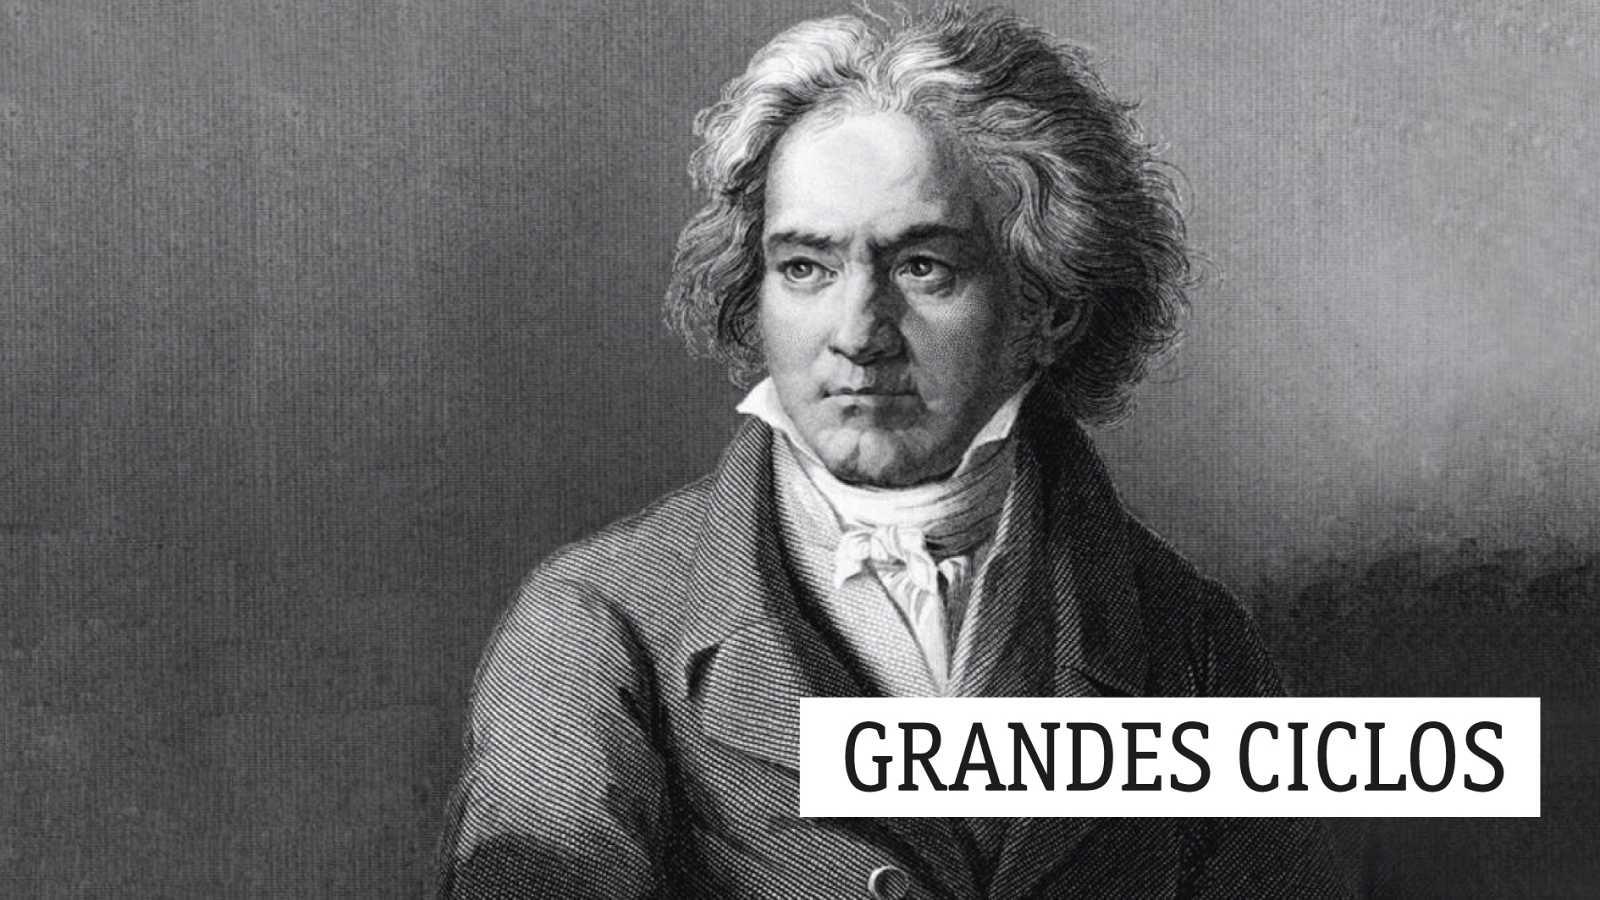 Grandes ciclos - L. van Beethoven (CXXIX): Fuente inagotable de creación y recreación - 26/11/20 - escuchar ahora